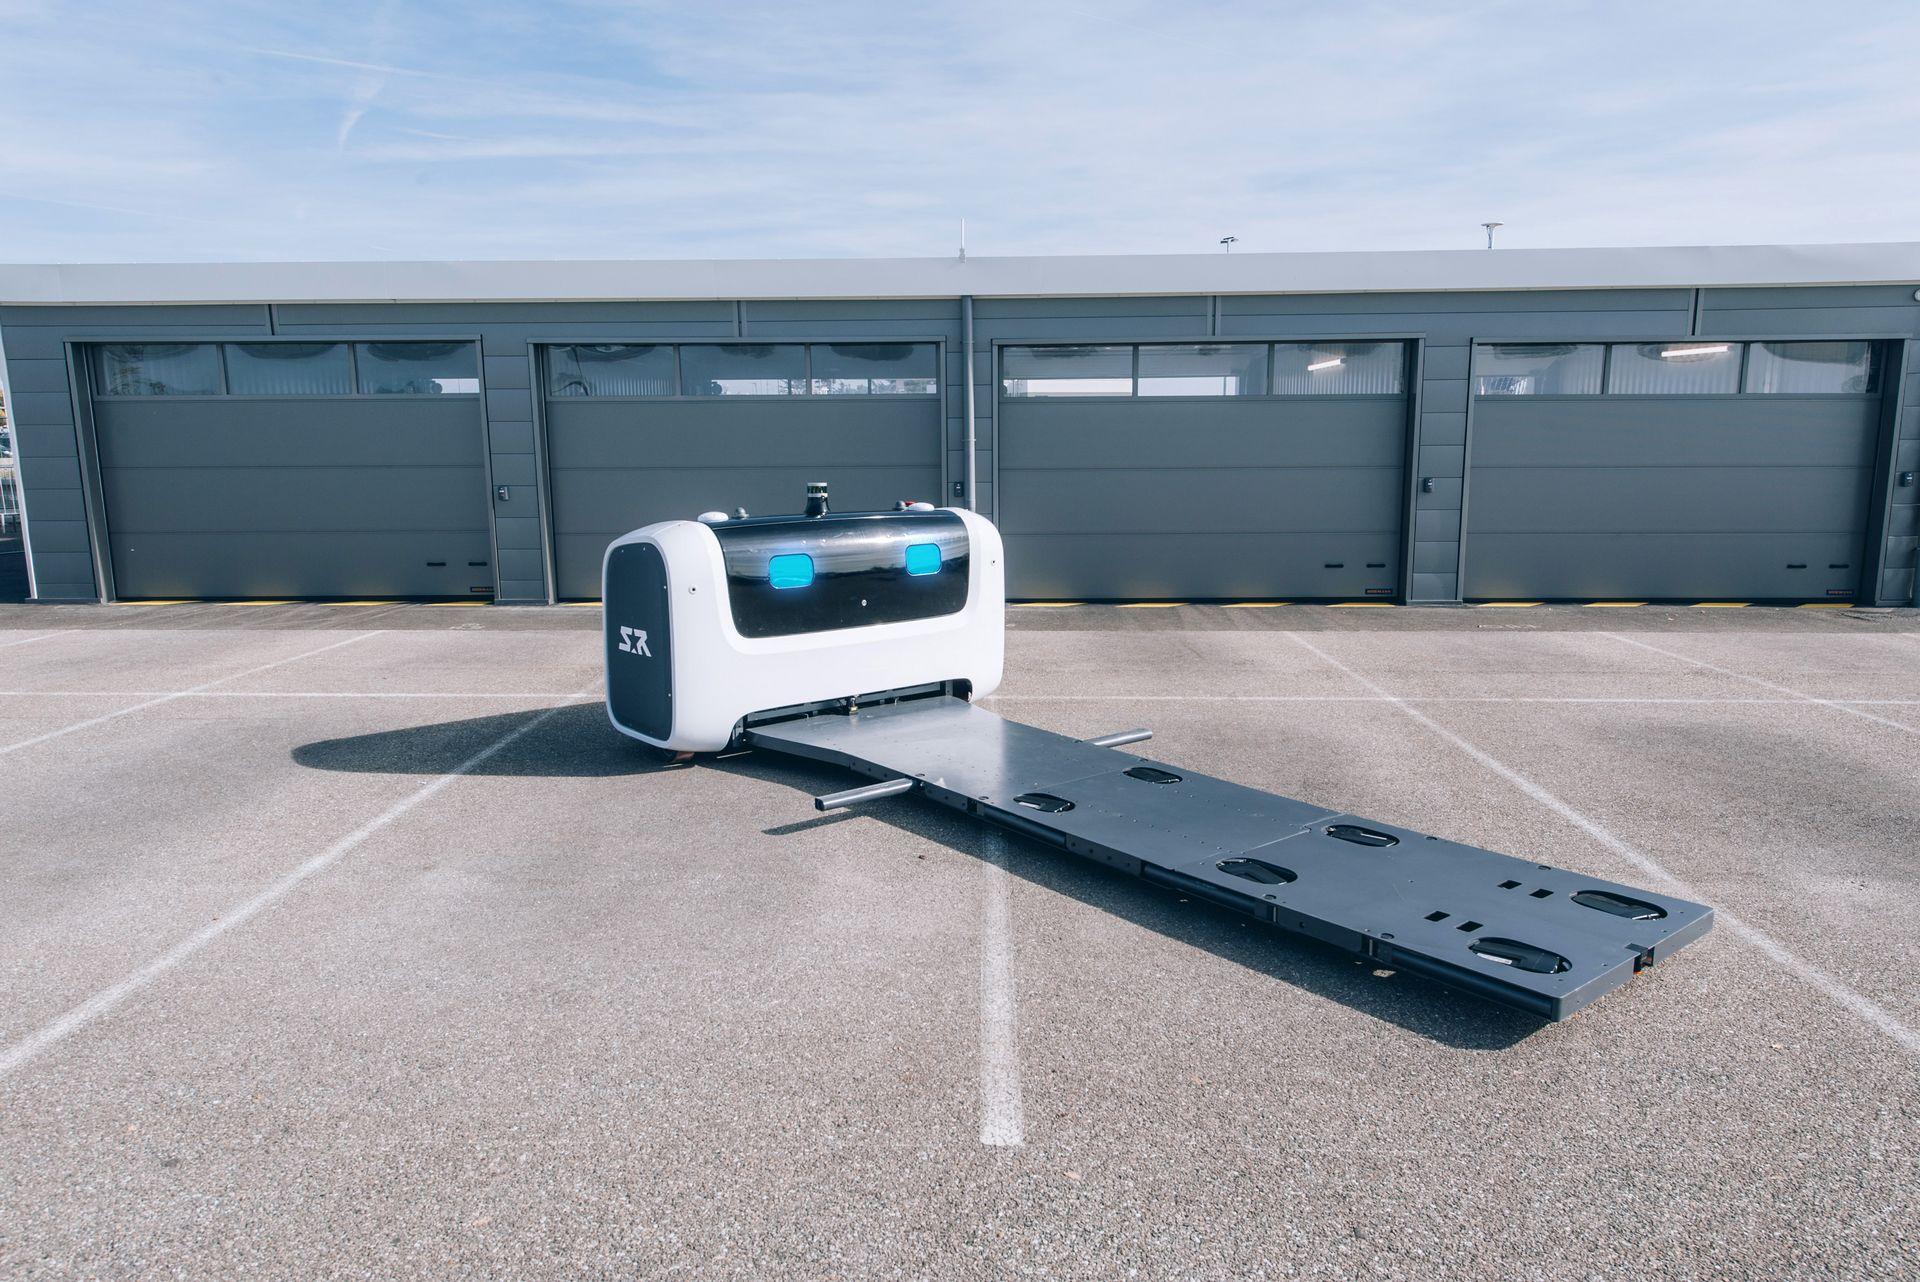 روباتها جدید پارک خودرو در فرودگاه لندن